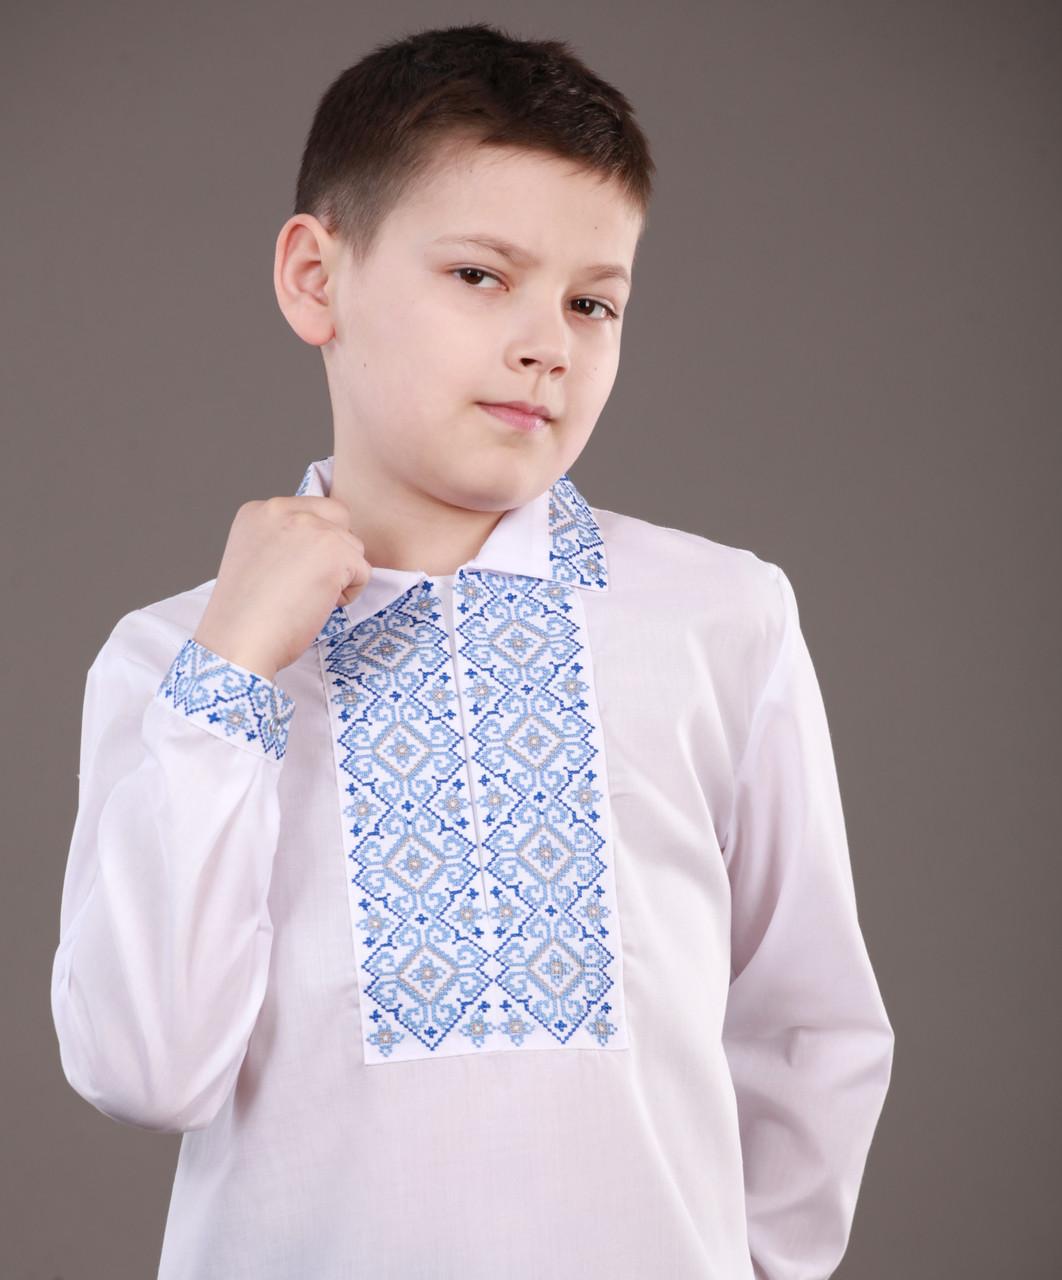 9f2dcdf3c024bf Красивая вышиванка для мальчика на кнопках